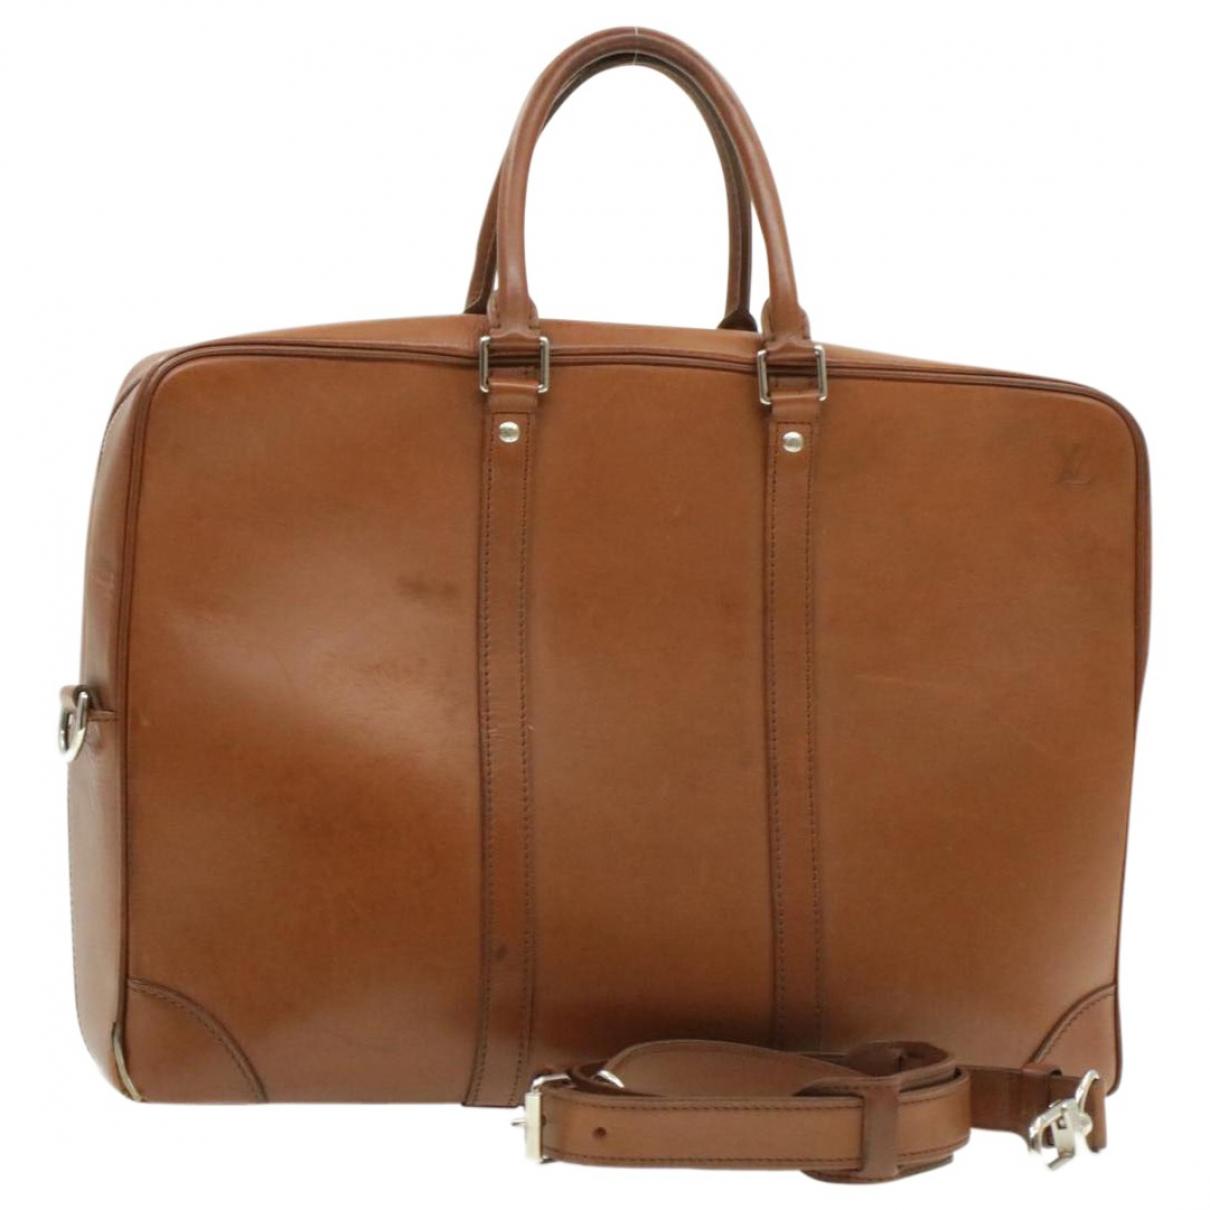 Louis Vuitton - Sac a main Porte Documents Voyage pour femme en cuir - marron